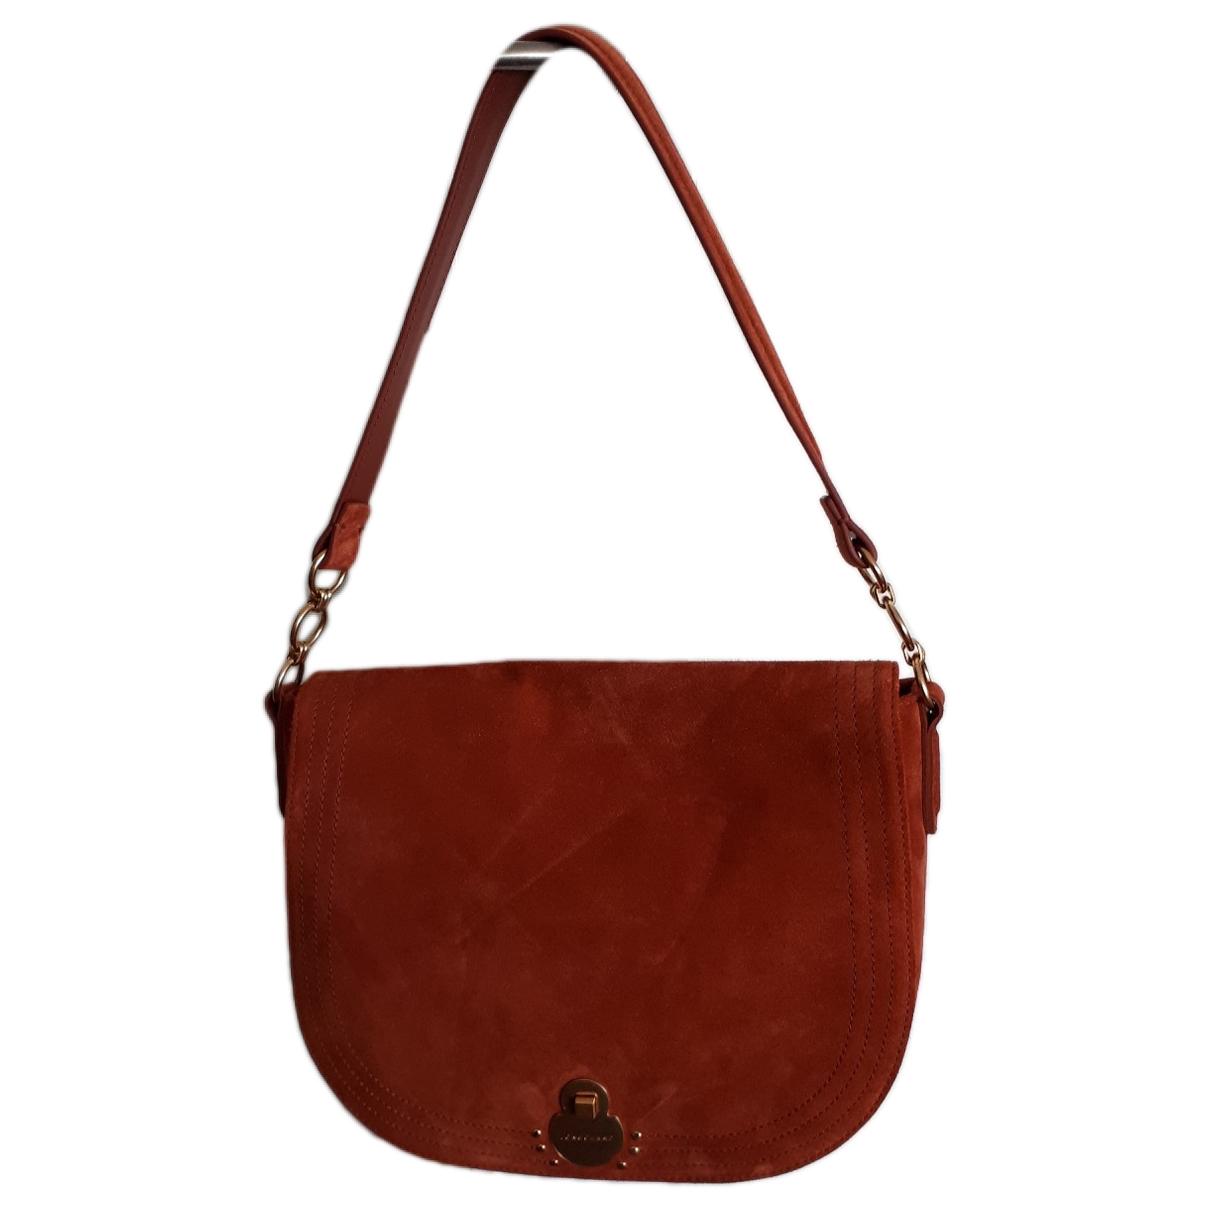 Longchamp \N Brown Suede handbag for Women \N